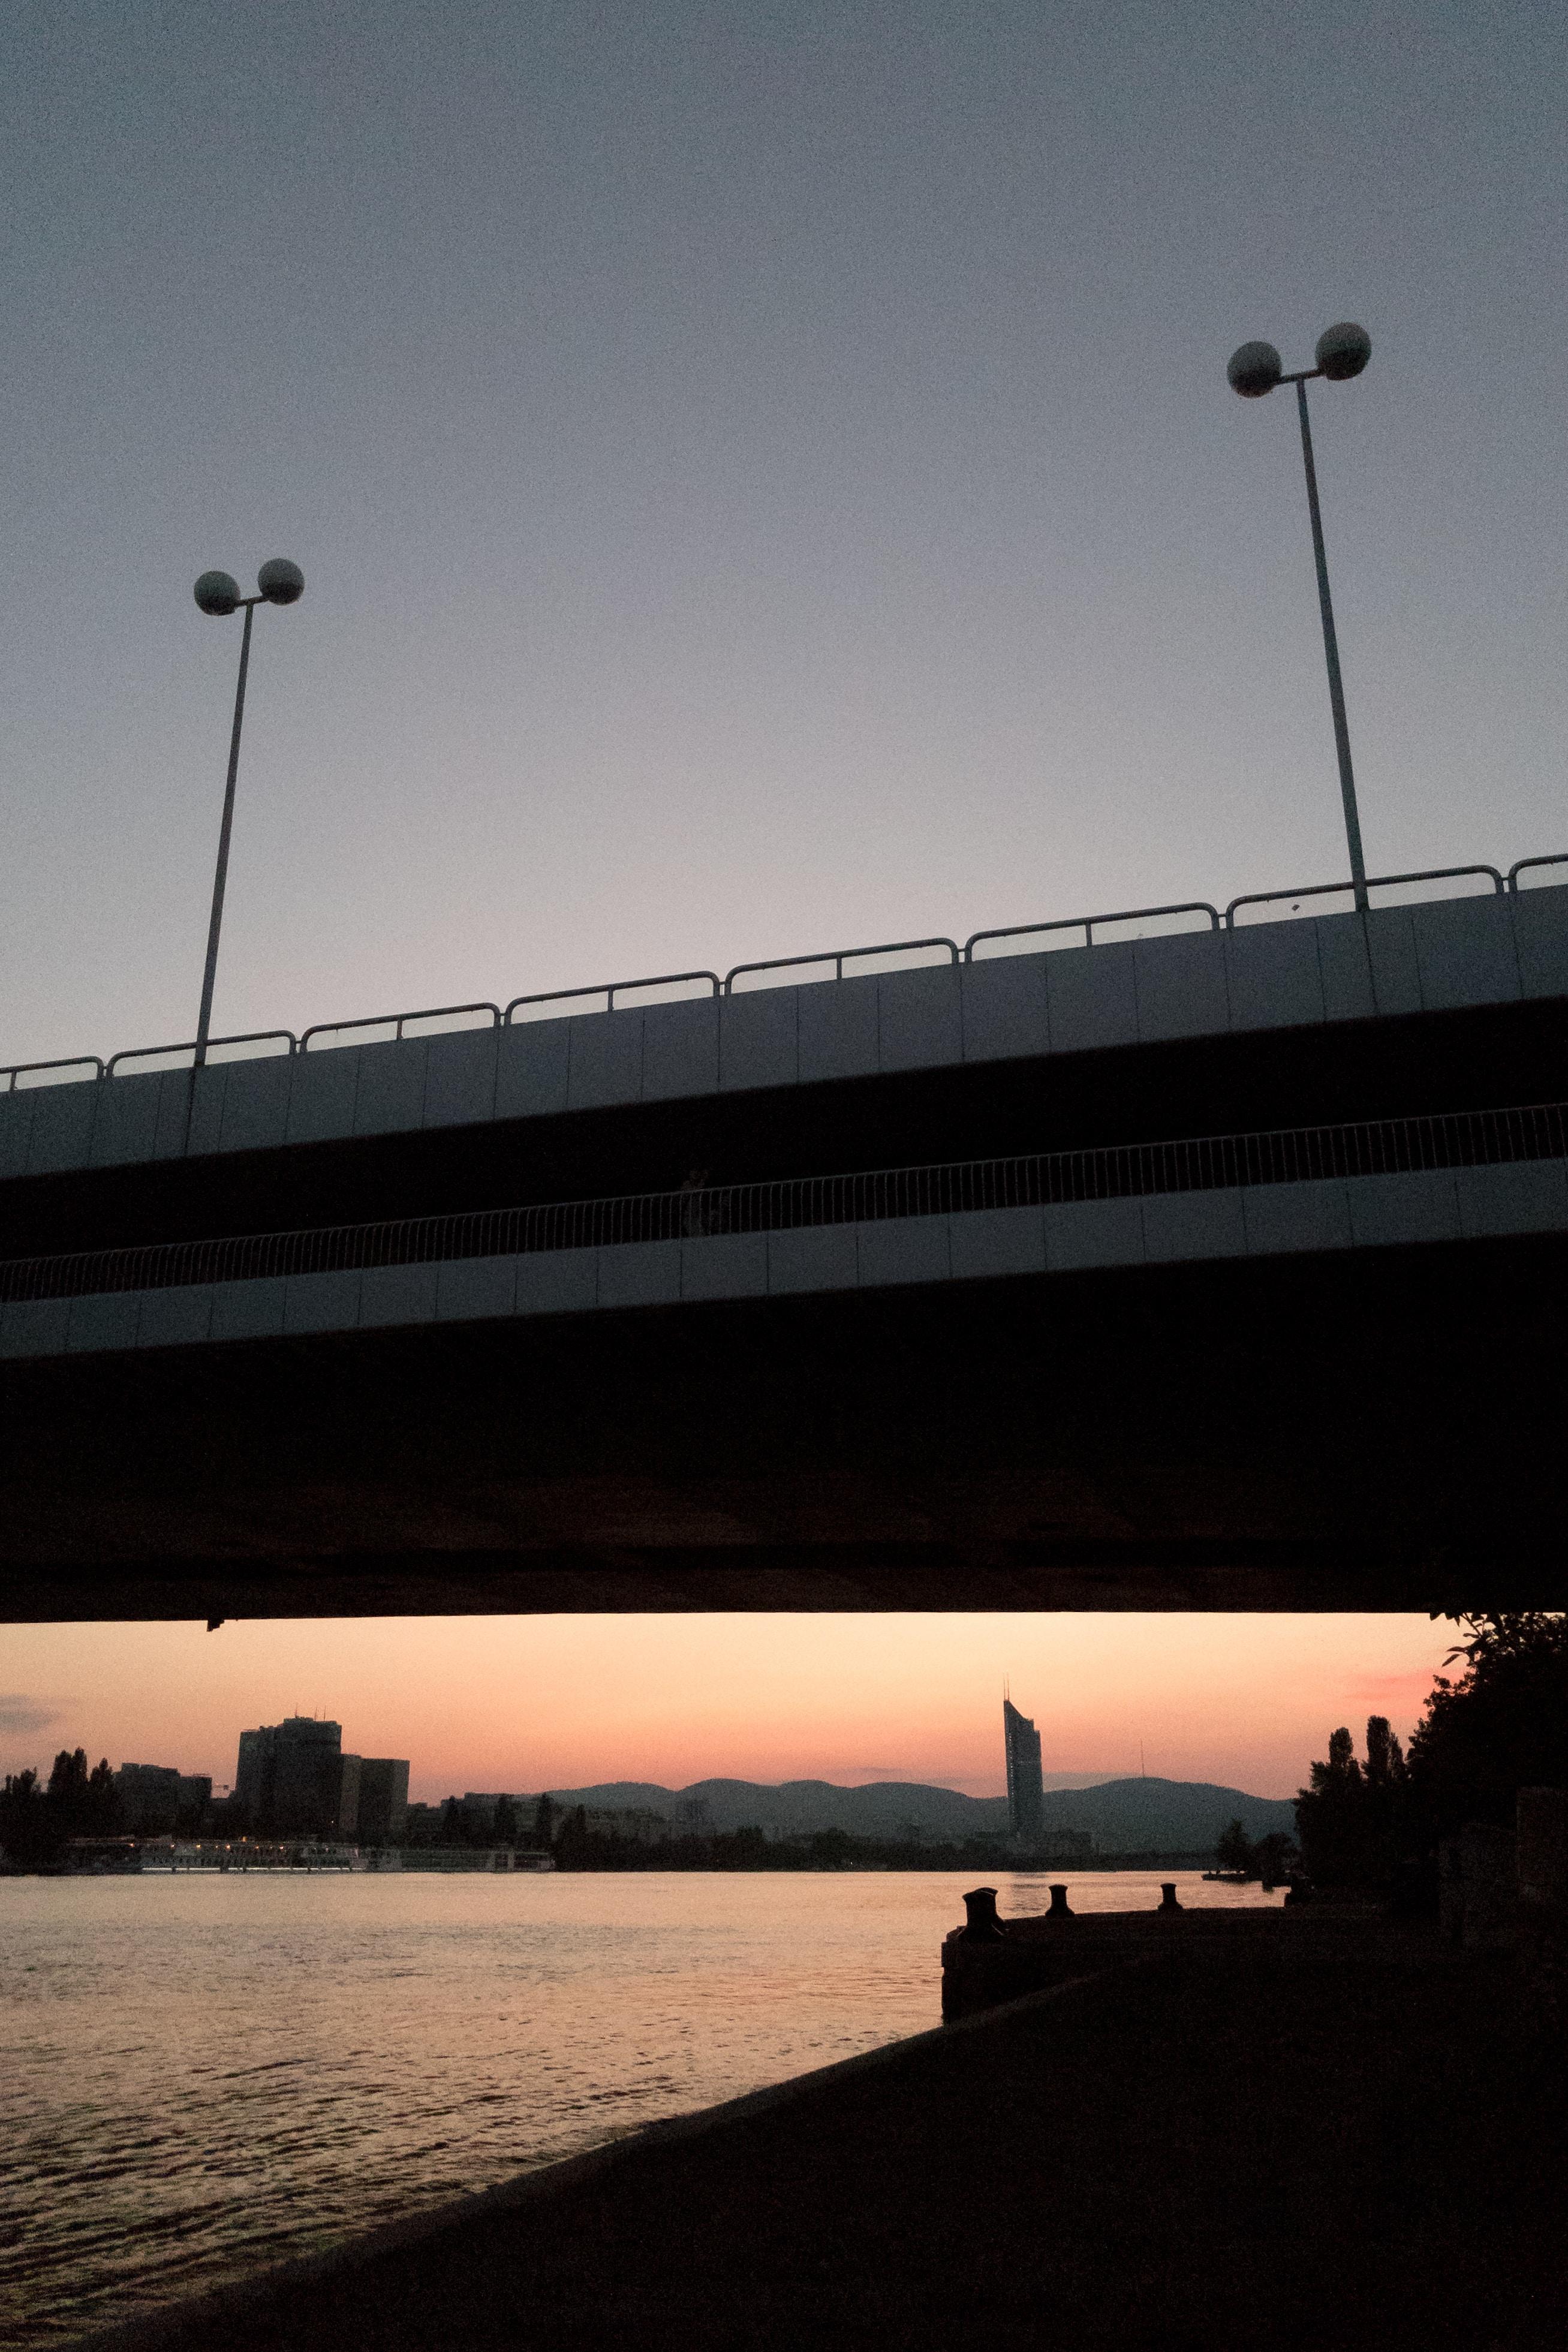 sunrise over bridge and body of water horizon